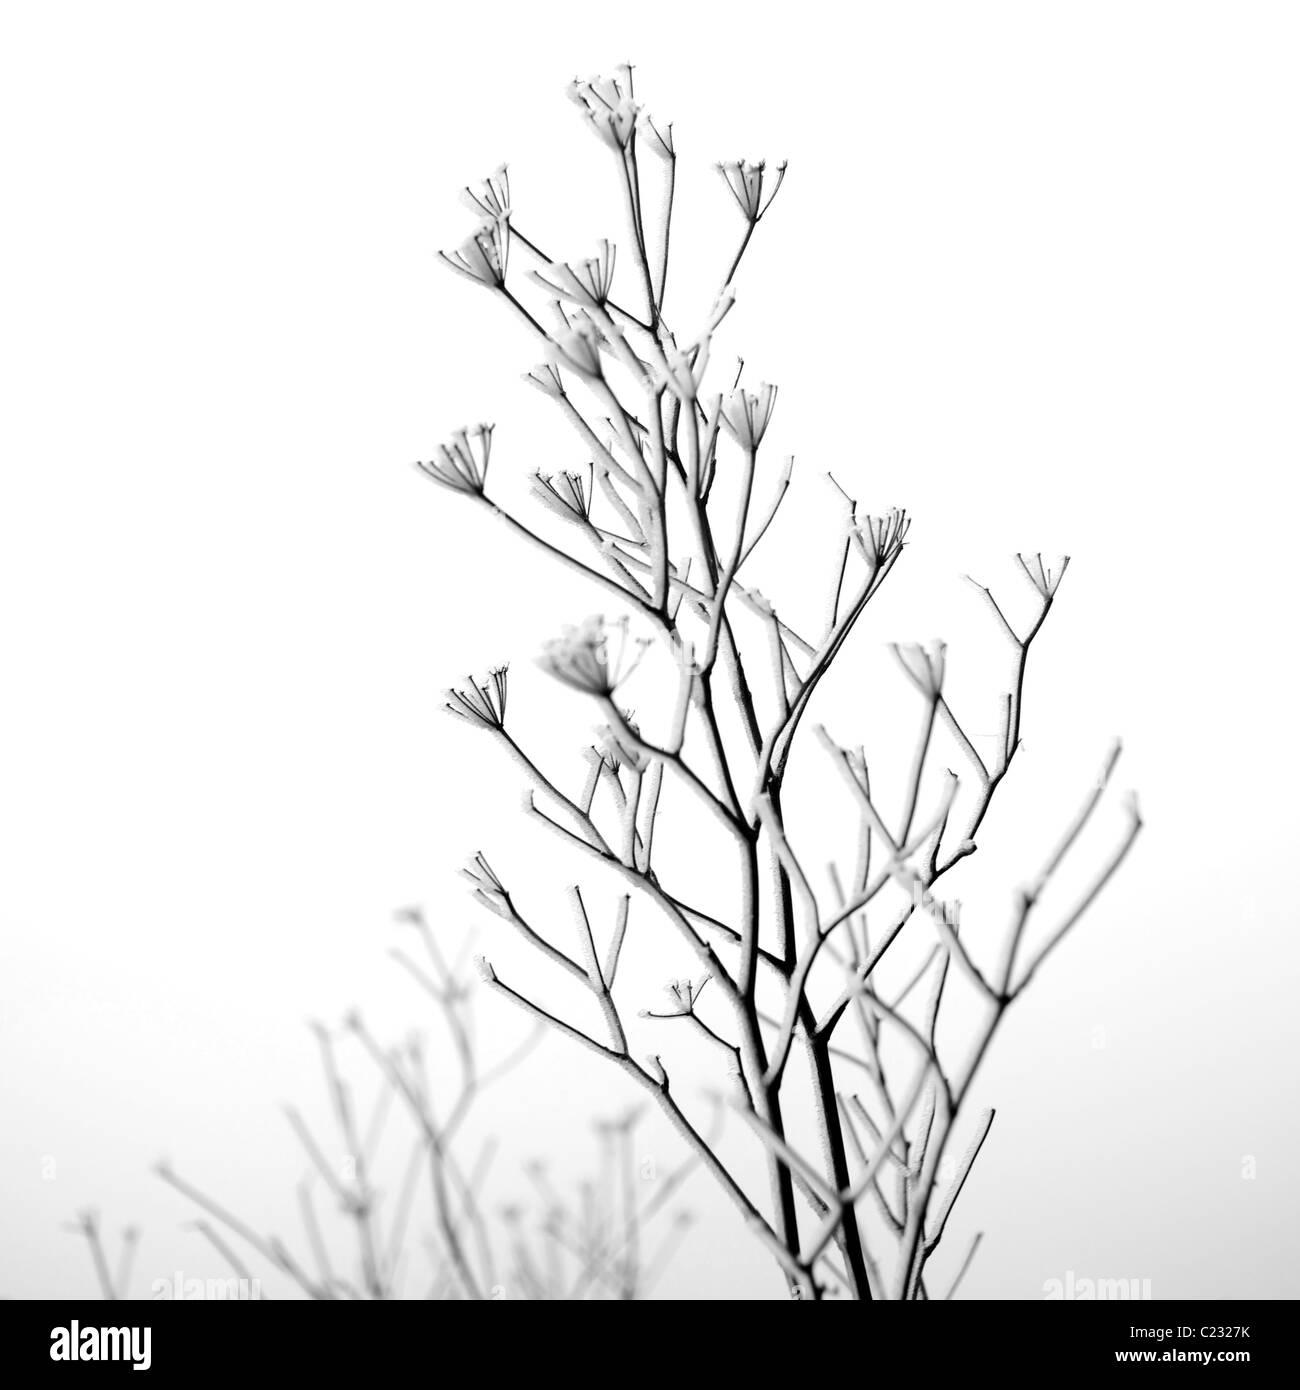 Il ramo con la neve su di esso Immagini Stock